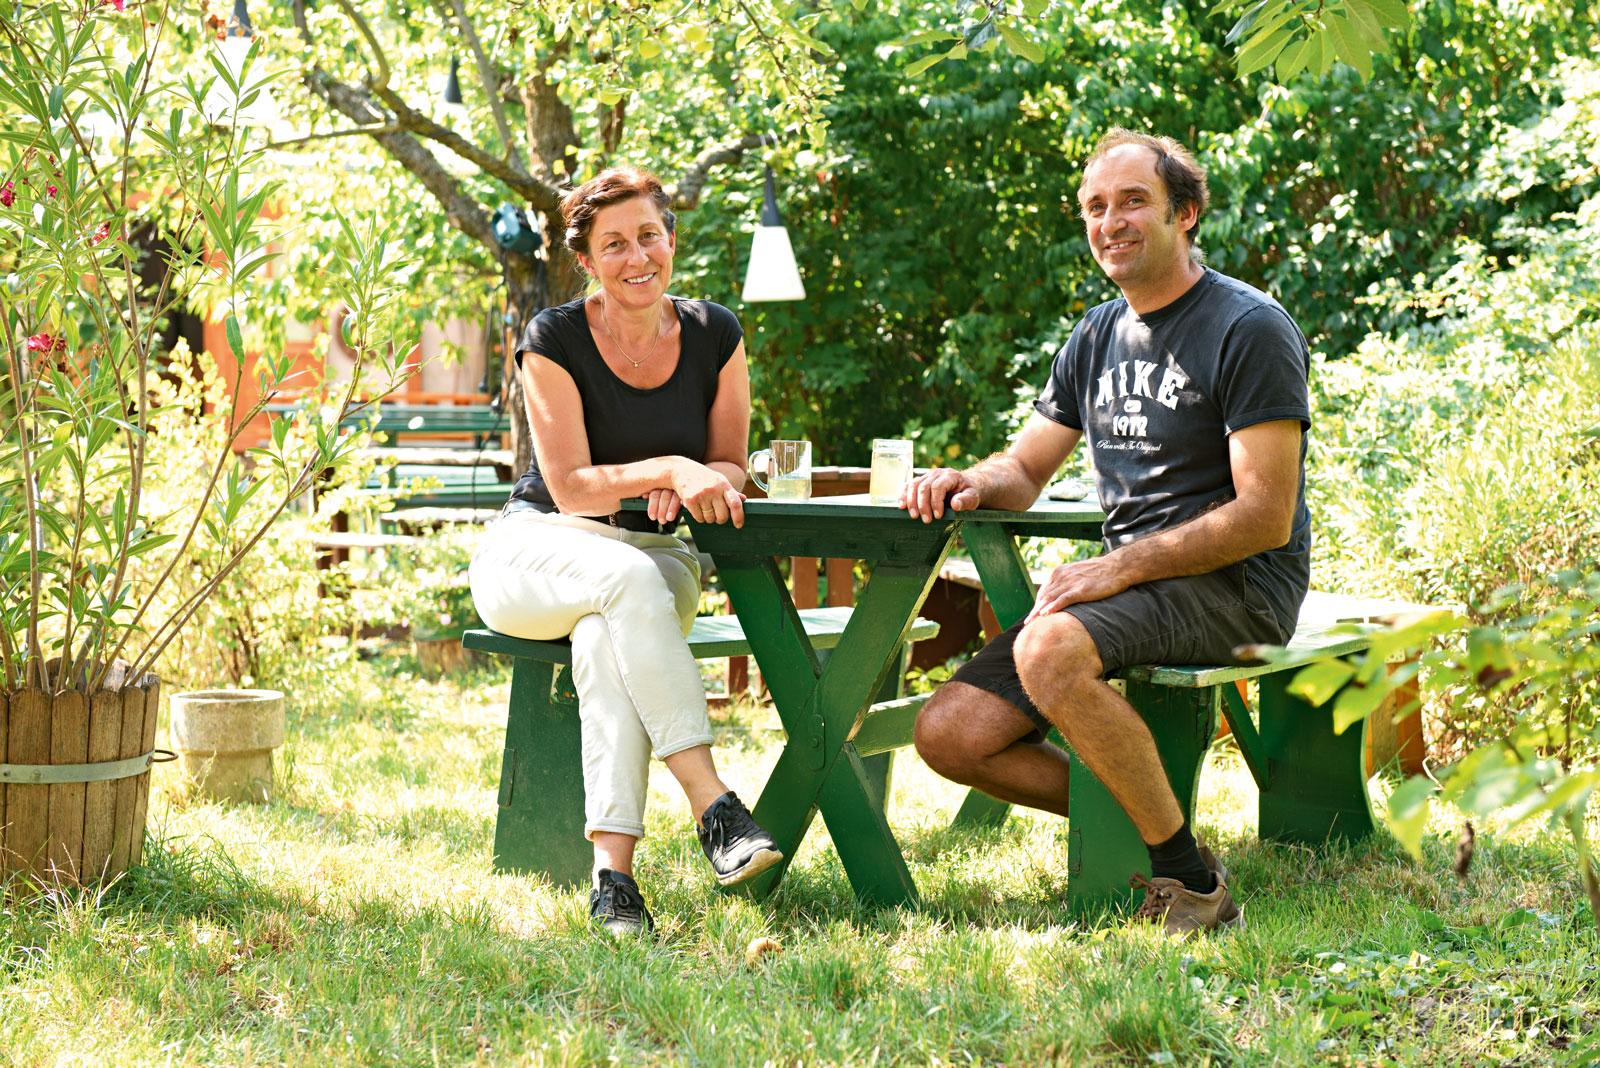 Ambros Steindl & Maria Hofbauer-Steindl. Fotos: Clemens Fabry | Pichler Verlag.